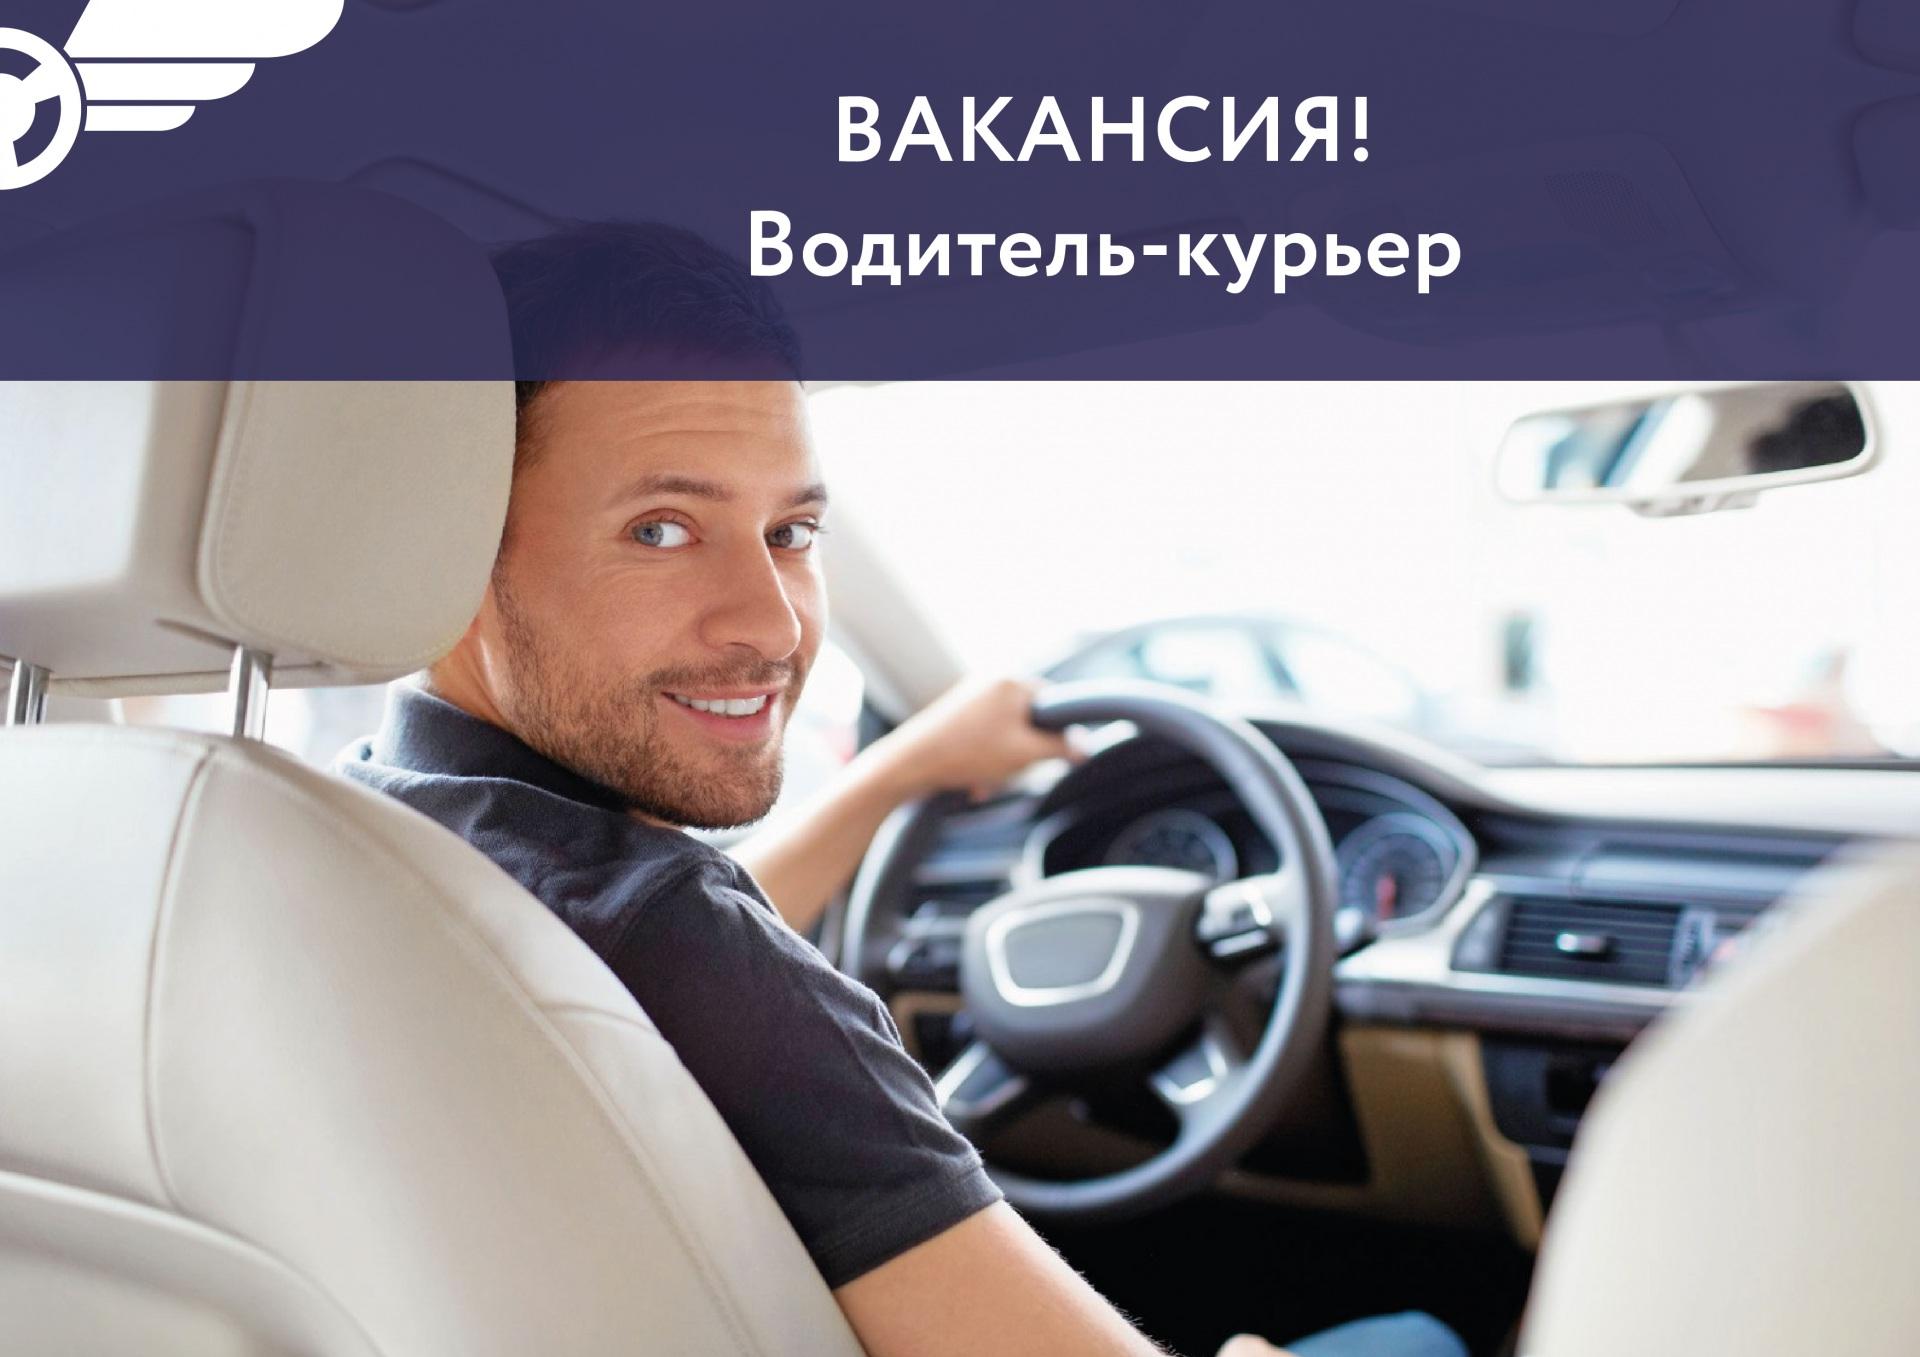 Post-dlya-VK_Voditel-kurer-01.jpg